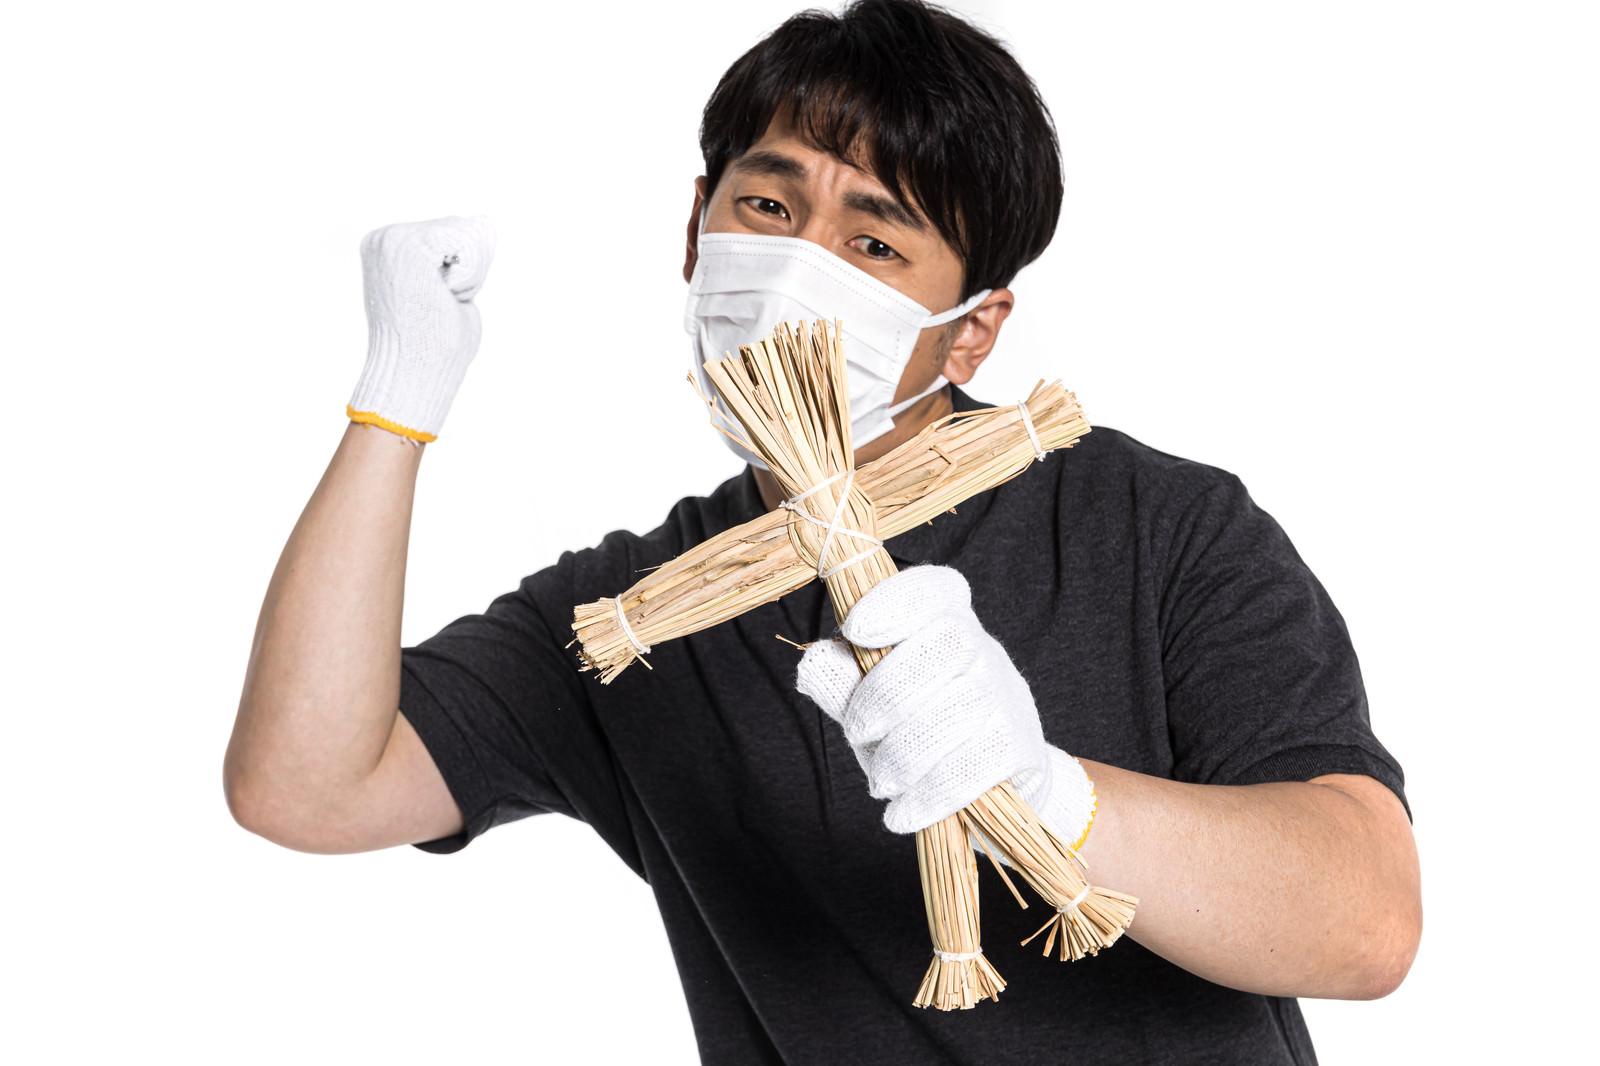 「正体を明かさず藁人形に恨みを込める男性」の写真[モデル:大川竜弥]